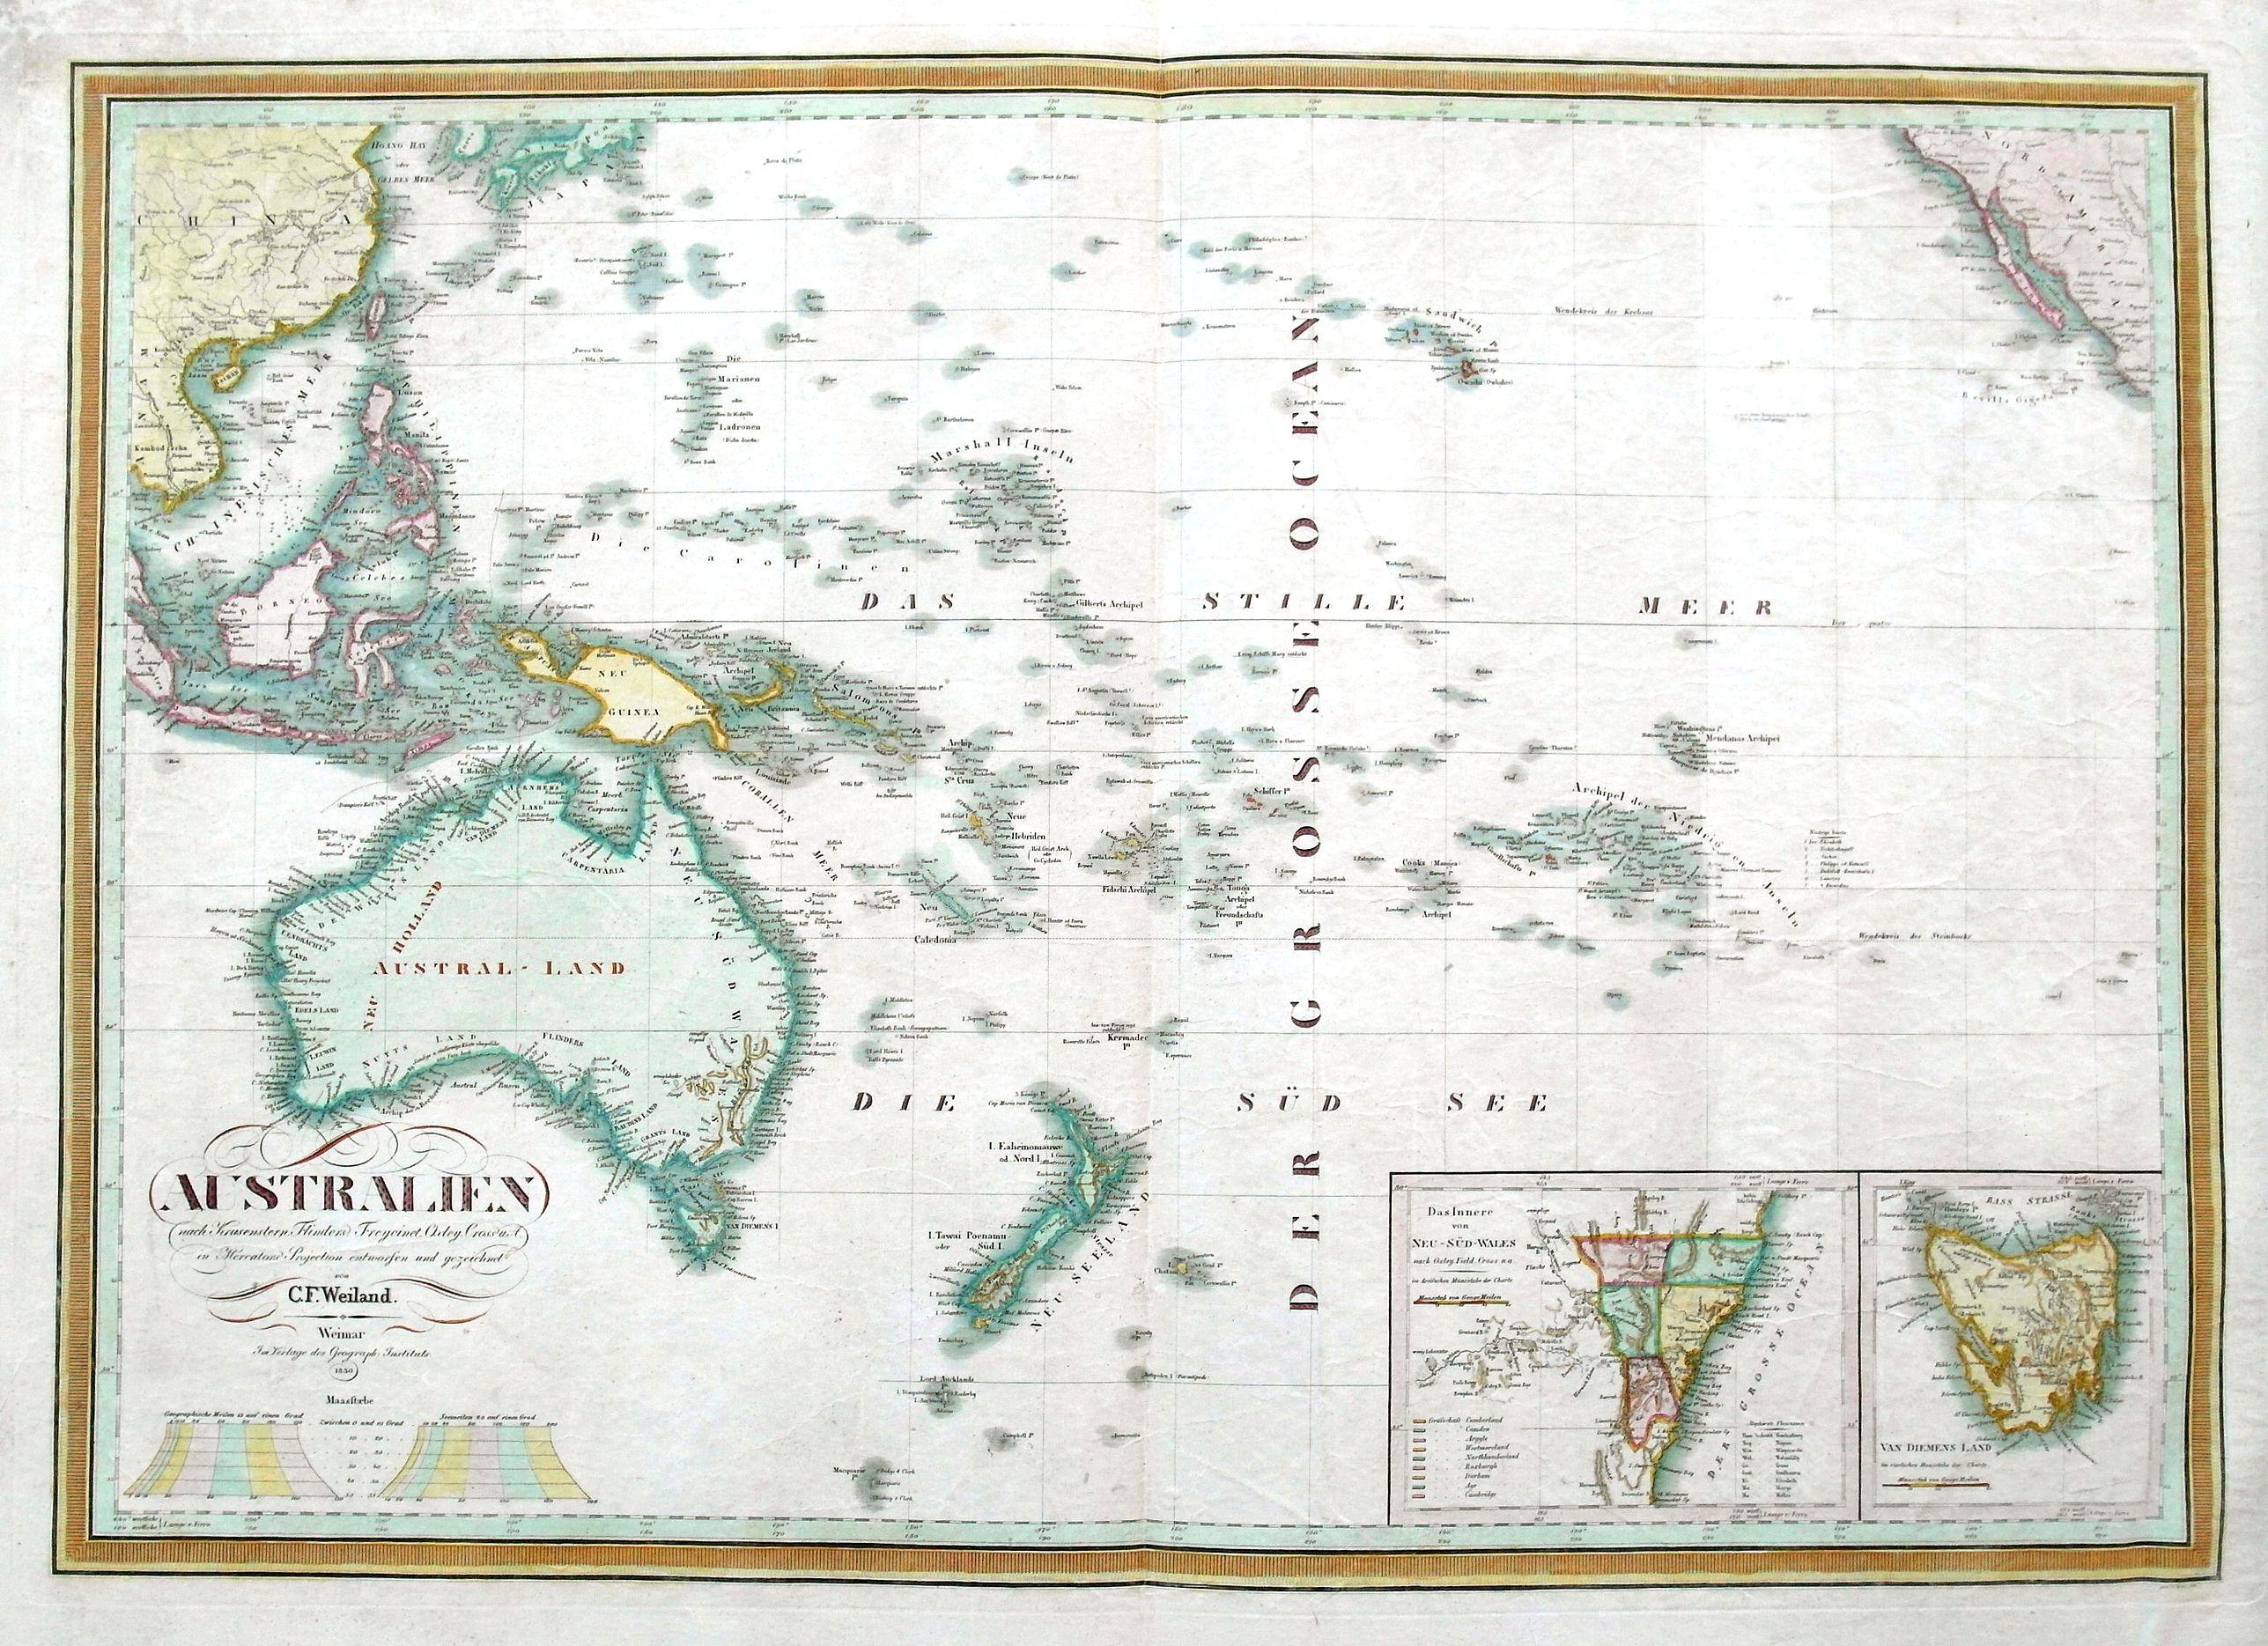 WEILAND, C. F. - Australien nach Krusenstern, Flinders, Freycinet, Oxley. . .